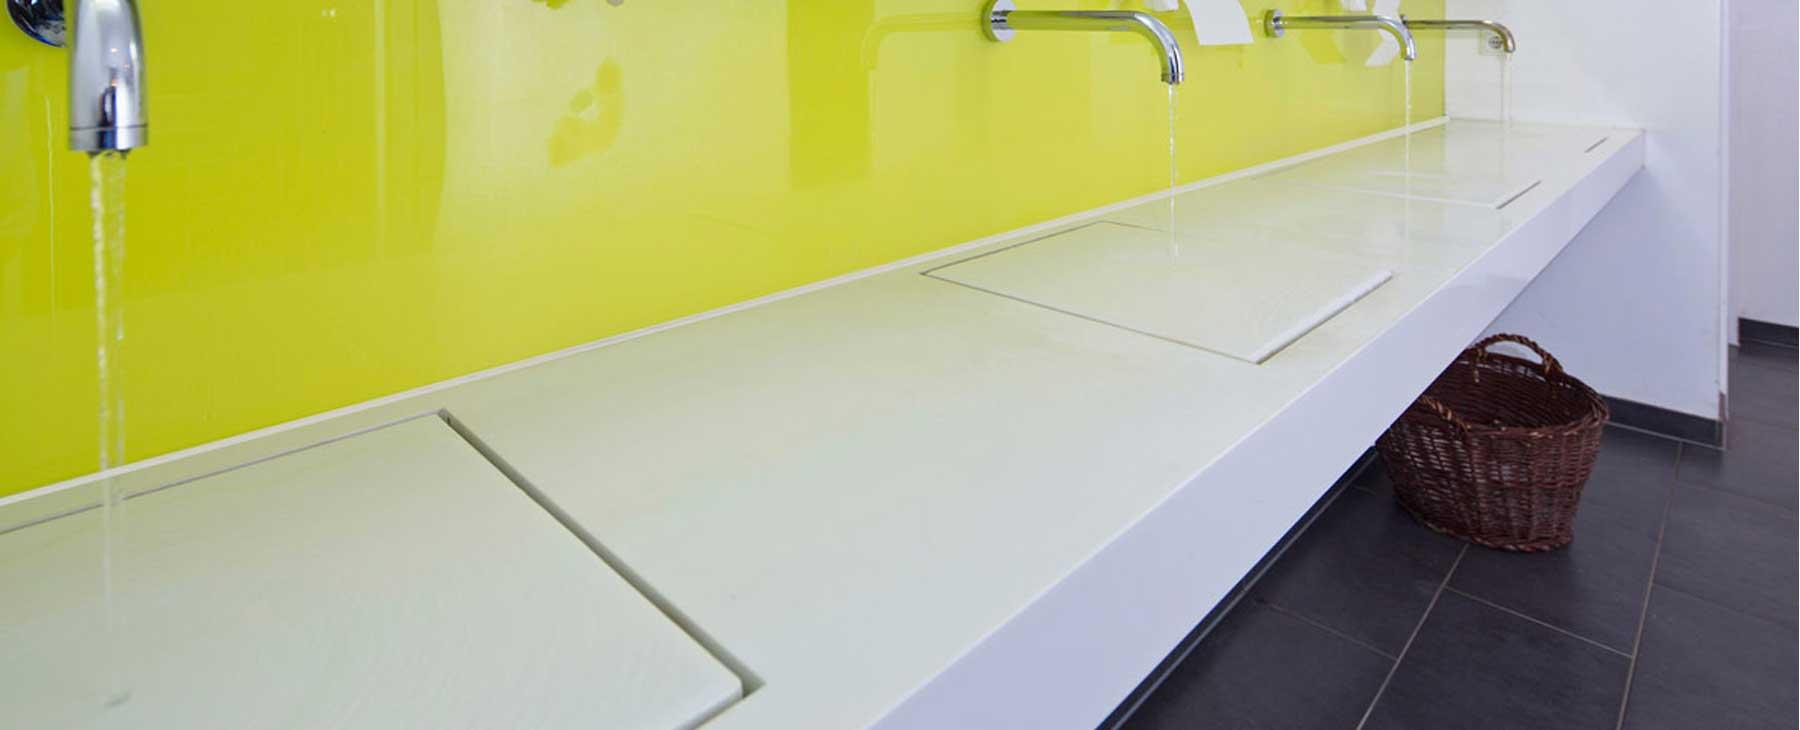 baddesign a la baqua baqua. Black Bedroom Furniture Sets. Home Design Ideas